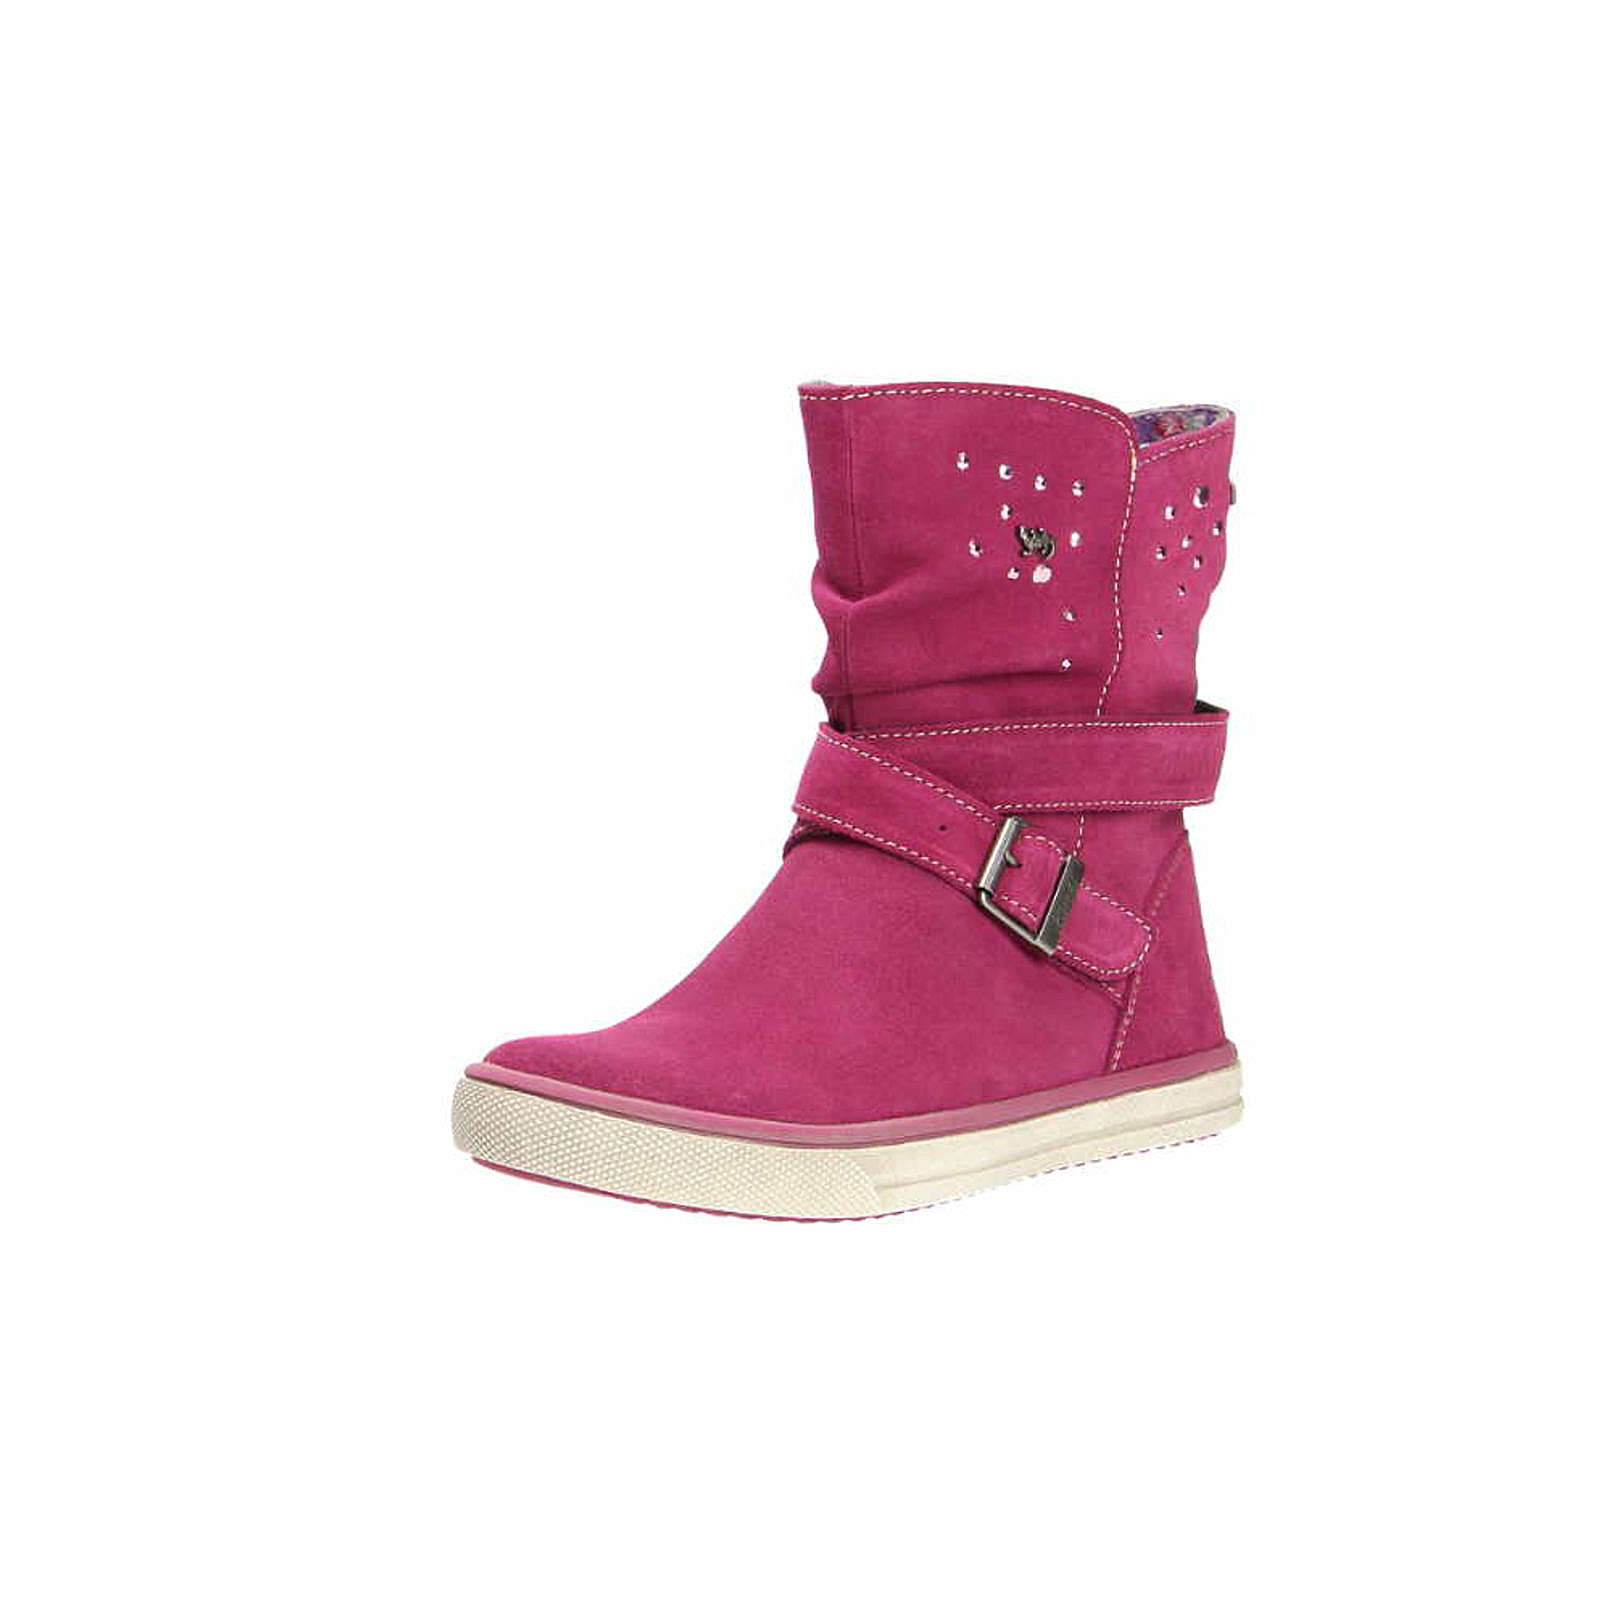 Lurchi Stiefel für Mädchen rot Mädchen Gr. 28